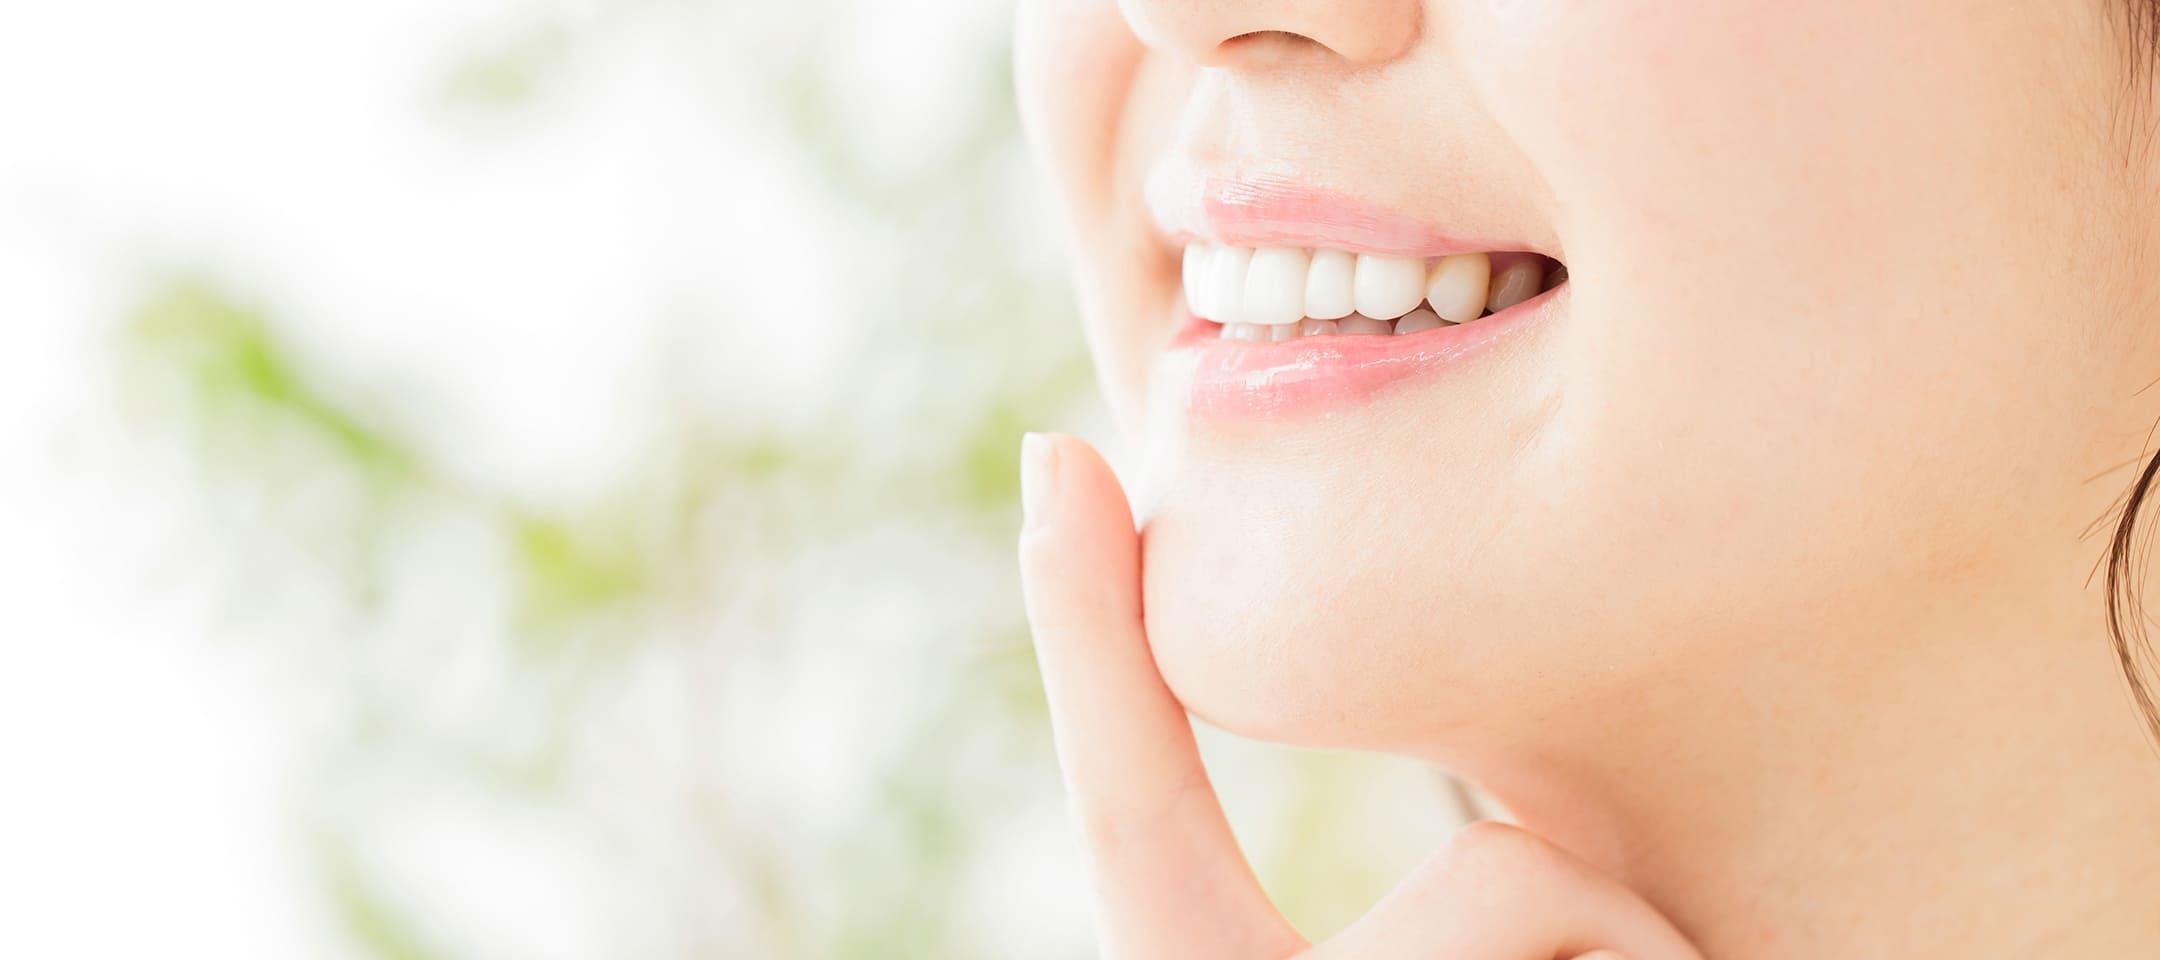 矯正歯科をご希望の患者様へ